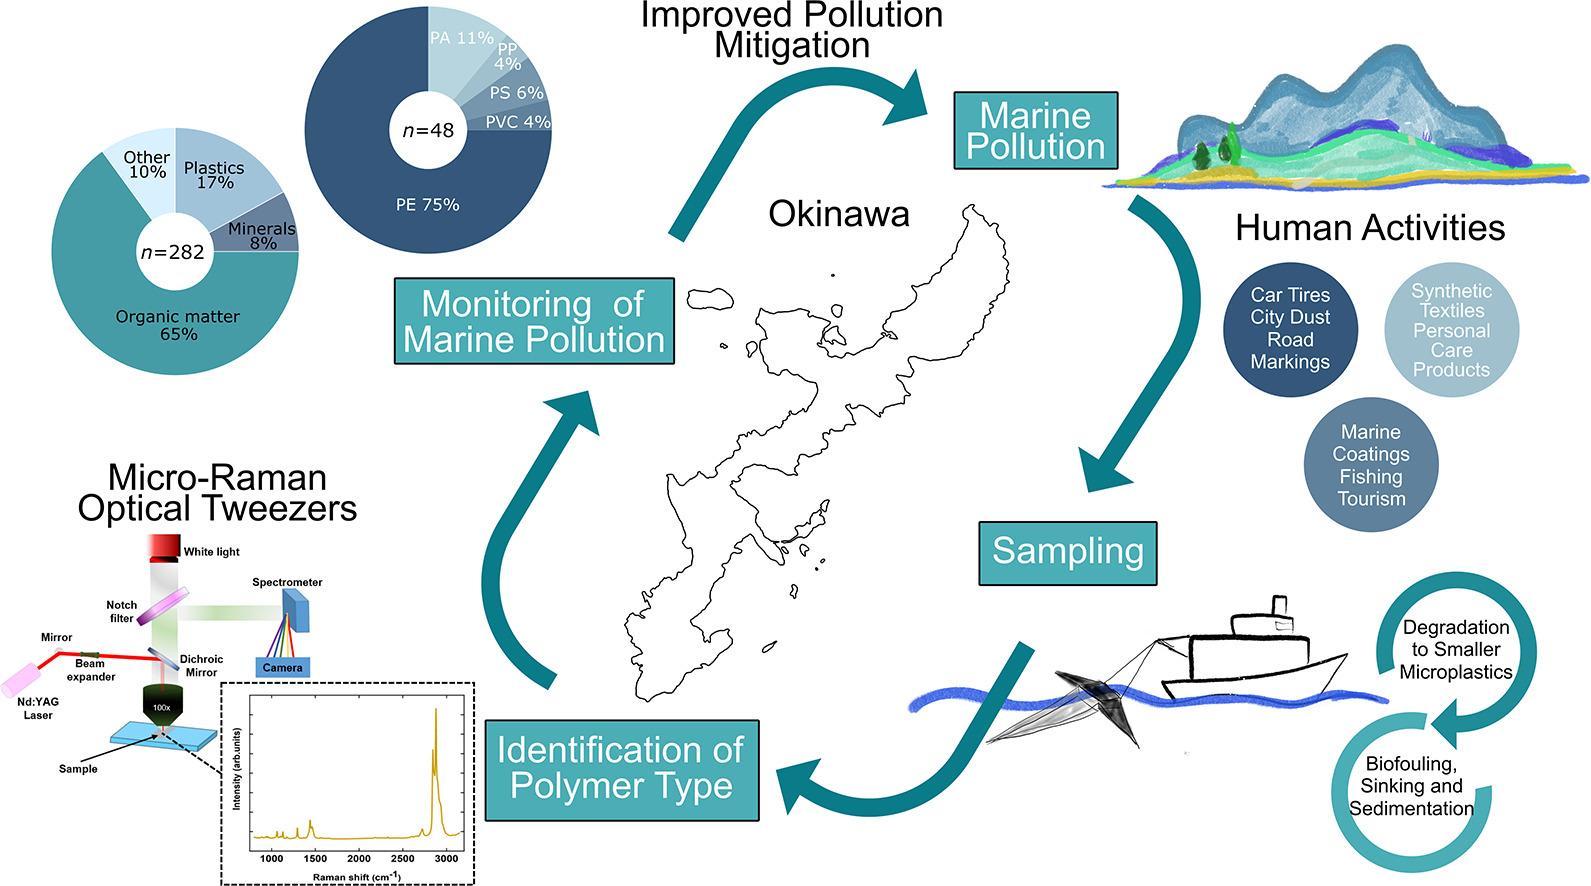 Микропластик обнаружен в океане у берегов Окинавы